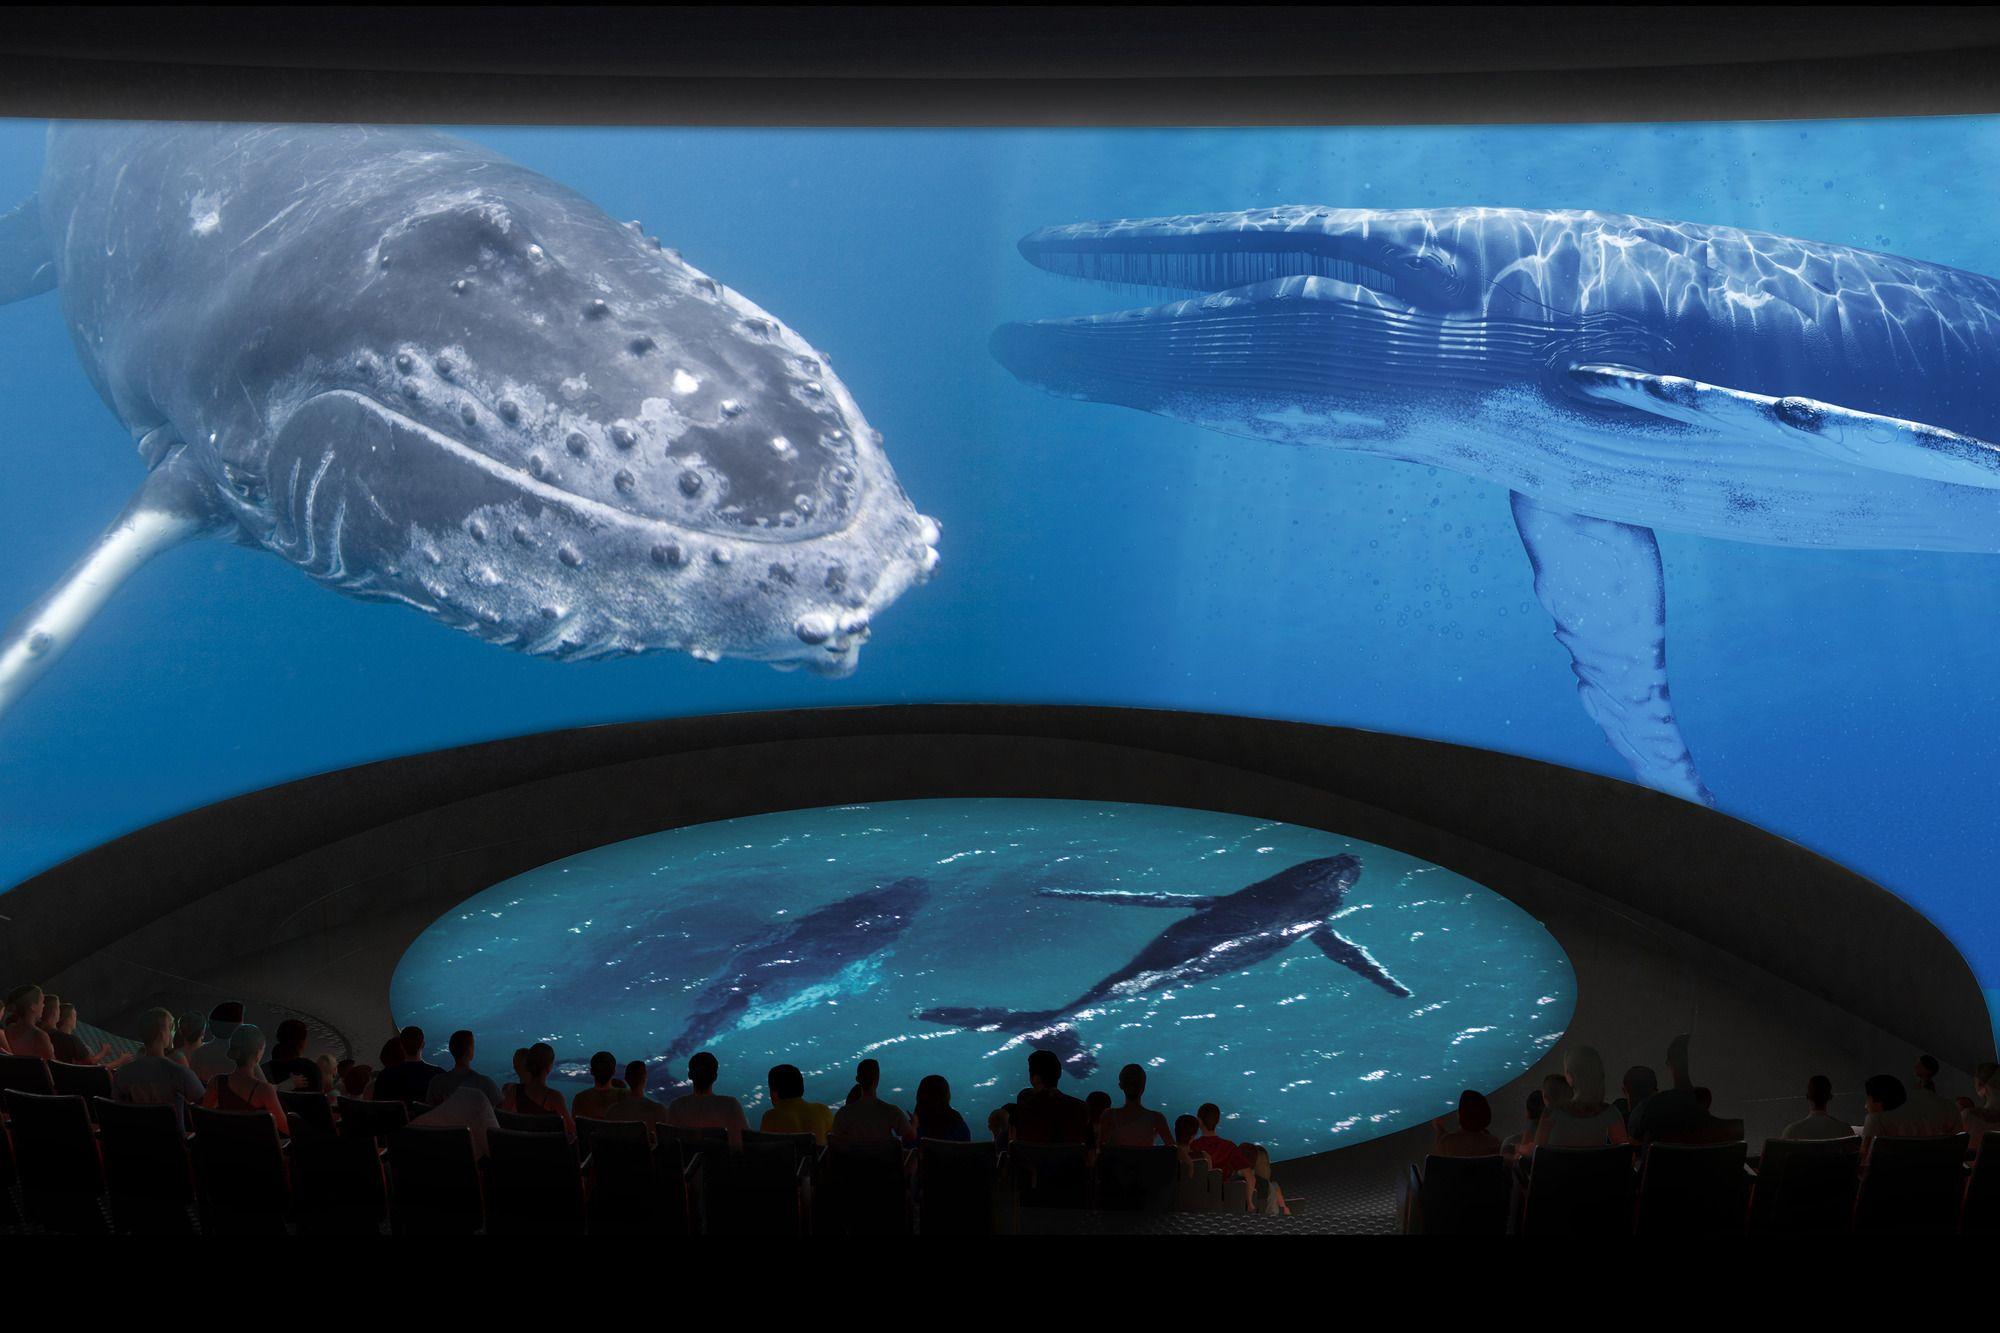 Gallery Of Aquarium Of The Pacific Reveals New Design For Major Expansion 10 Zoo Design Long Beach Aquarium Aquarium